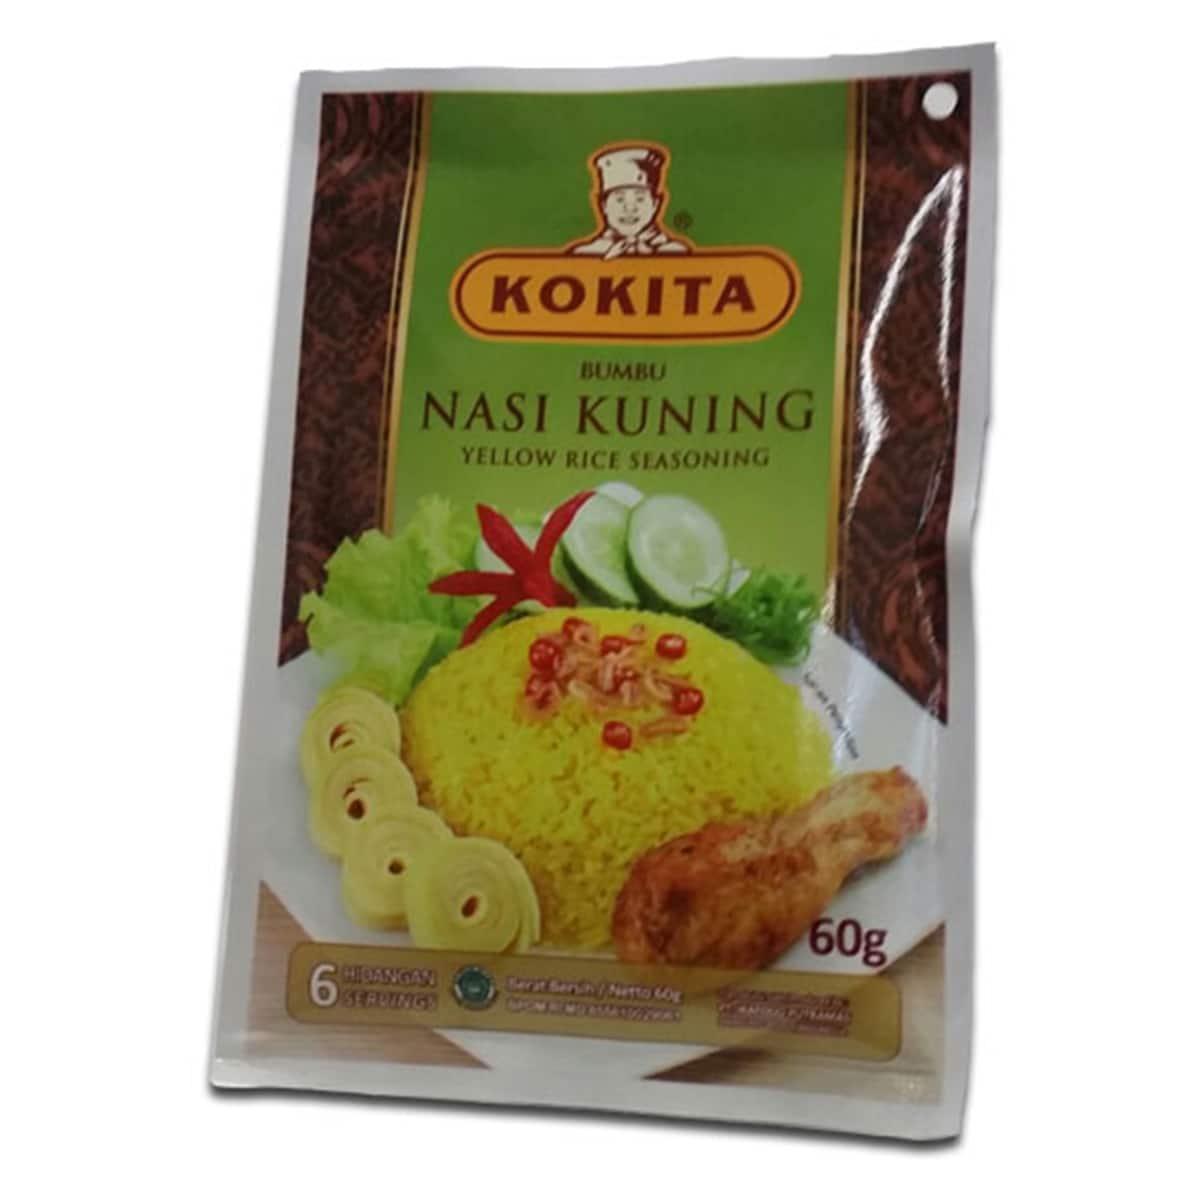 Buy Kokita Bumbu Nasi Kuning (Yellow Rice Seasoning) - 60 gm